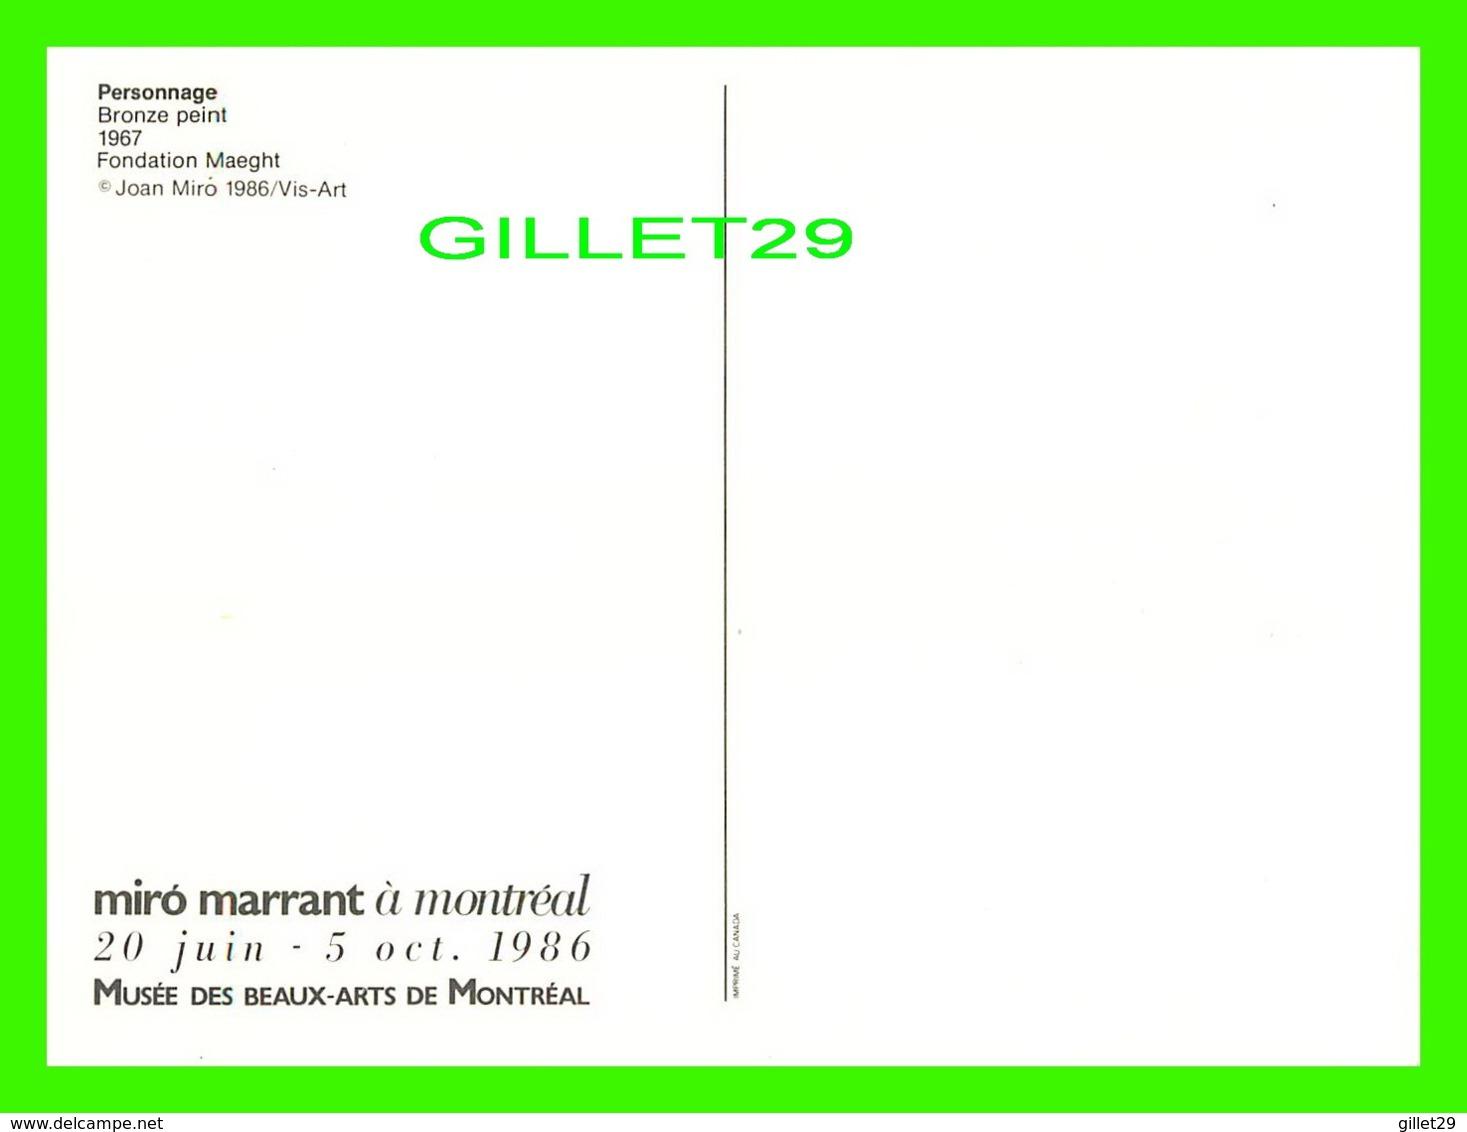 PUBLICITÉ - MIRO MARRANT À MONTRÉAL EN 1986, MUSÉE DES BEAUX-ARTS - PERSONNAGE, 1967 - 12.5 X 17.5 Cm - Publicité